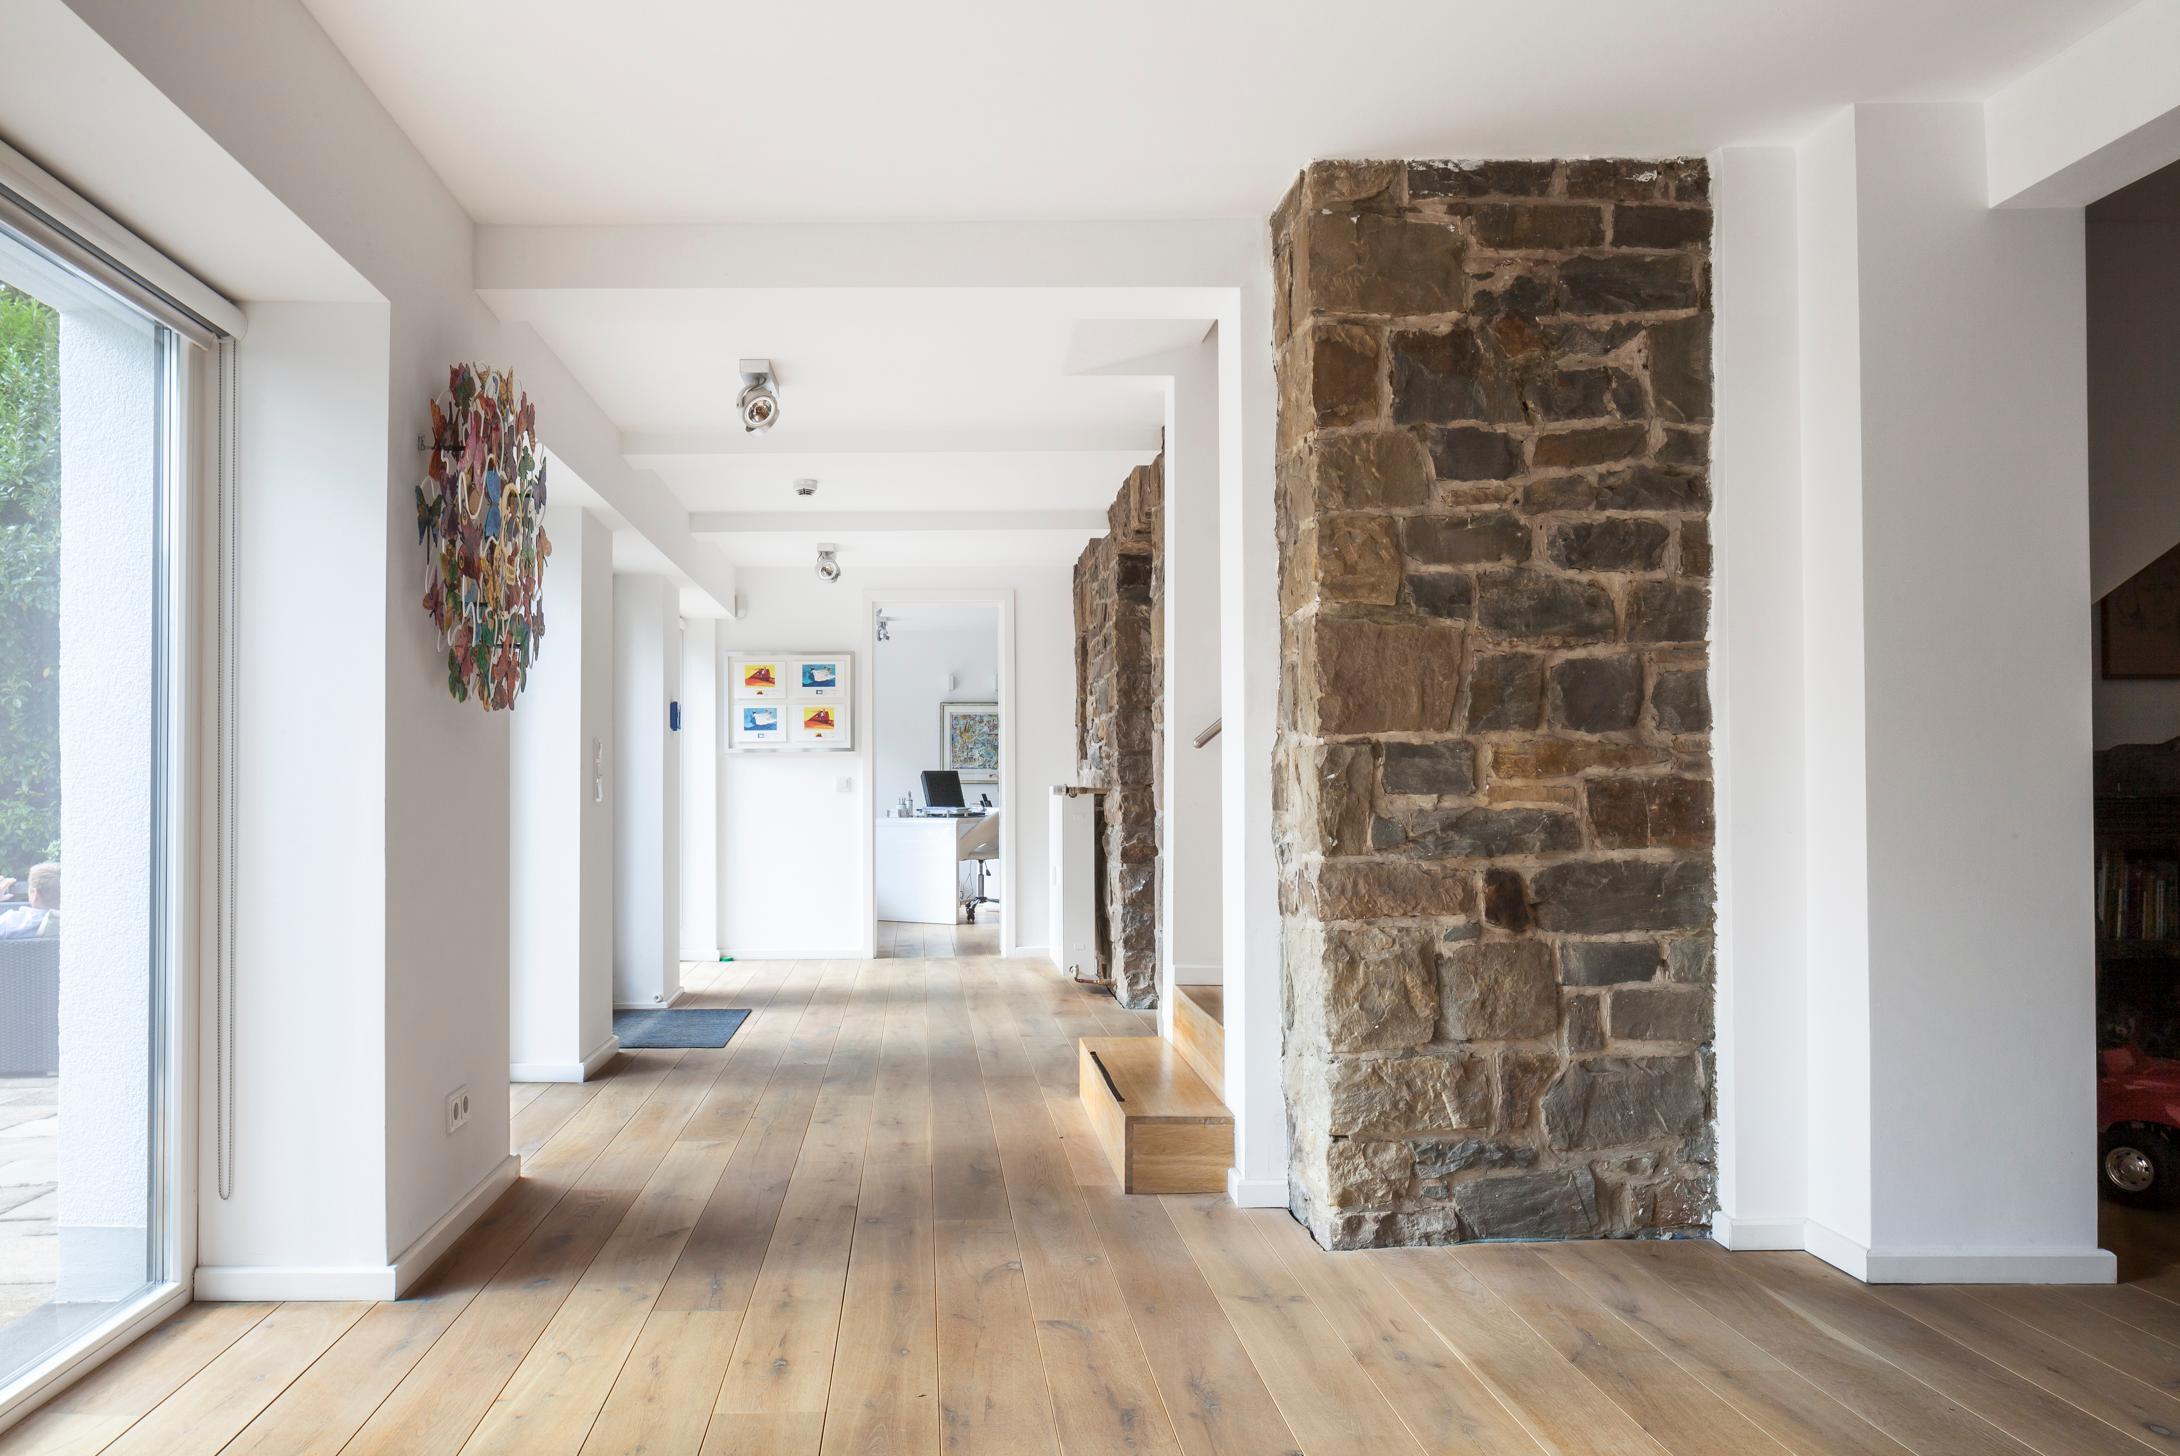 Umbau und Umnutzung einer historischen Villa #innena...